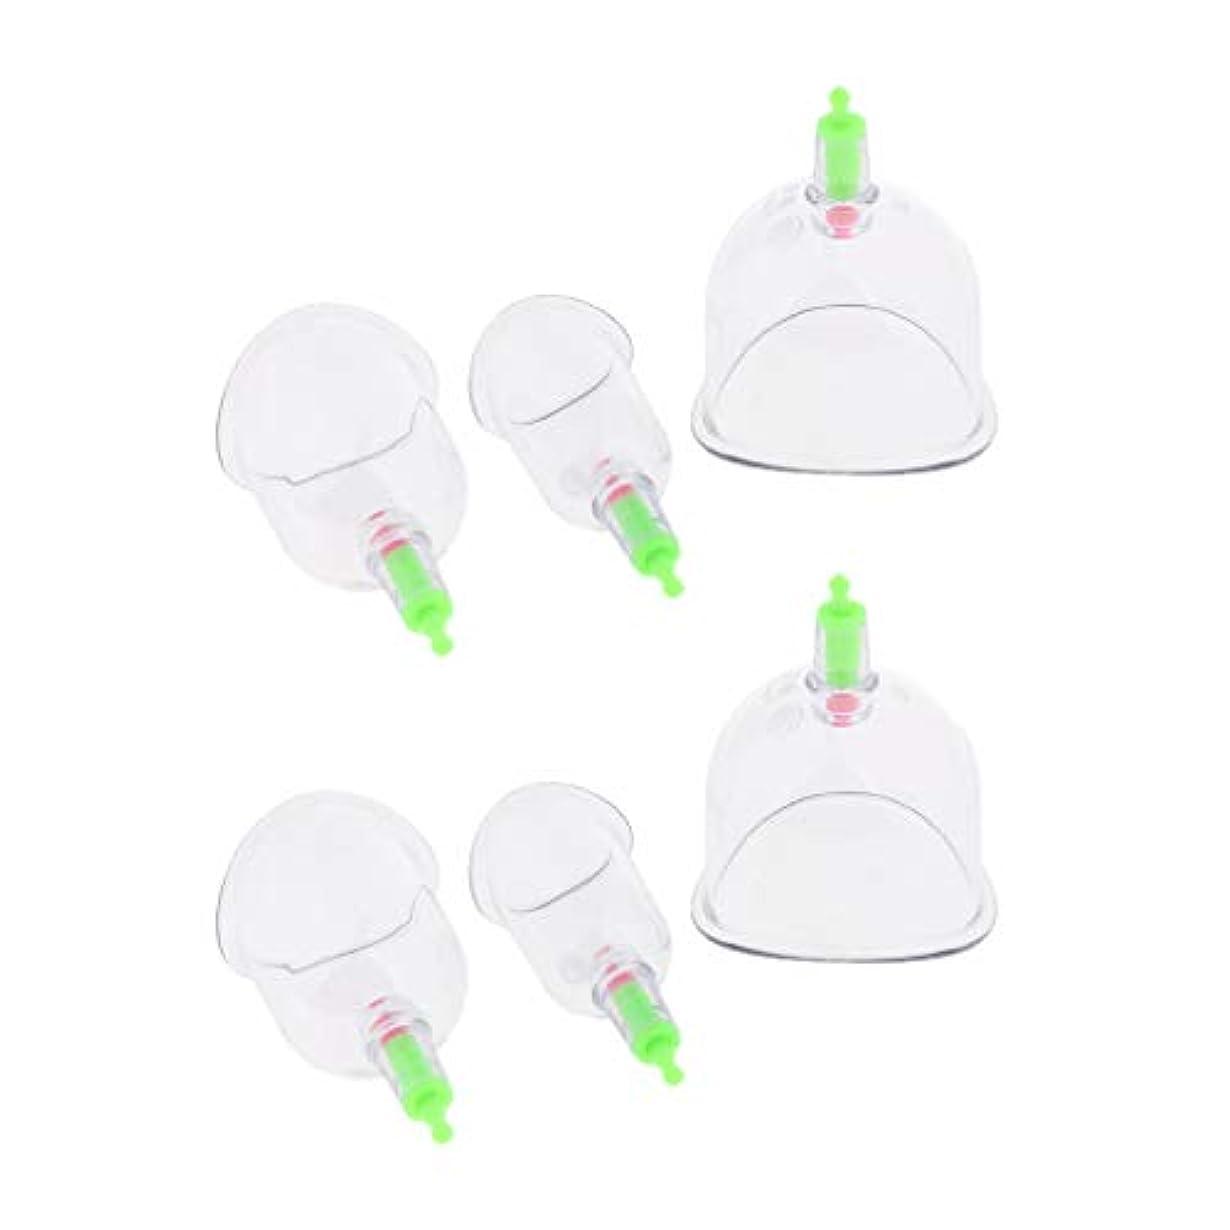 反対する急流衣装chiwanji プラスチック製 吸い玉カップ カッピング マッサージカッピング 吸い玉 6個セット